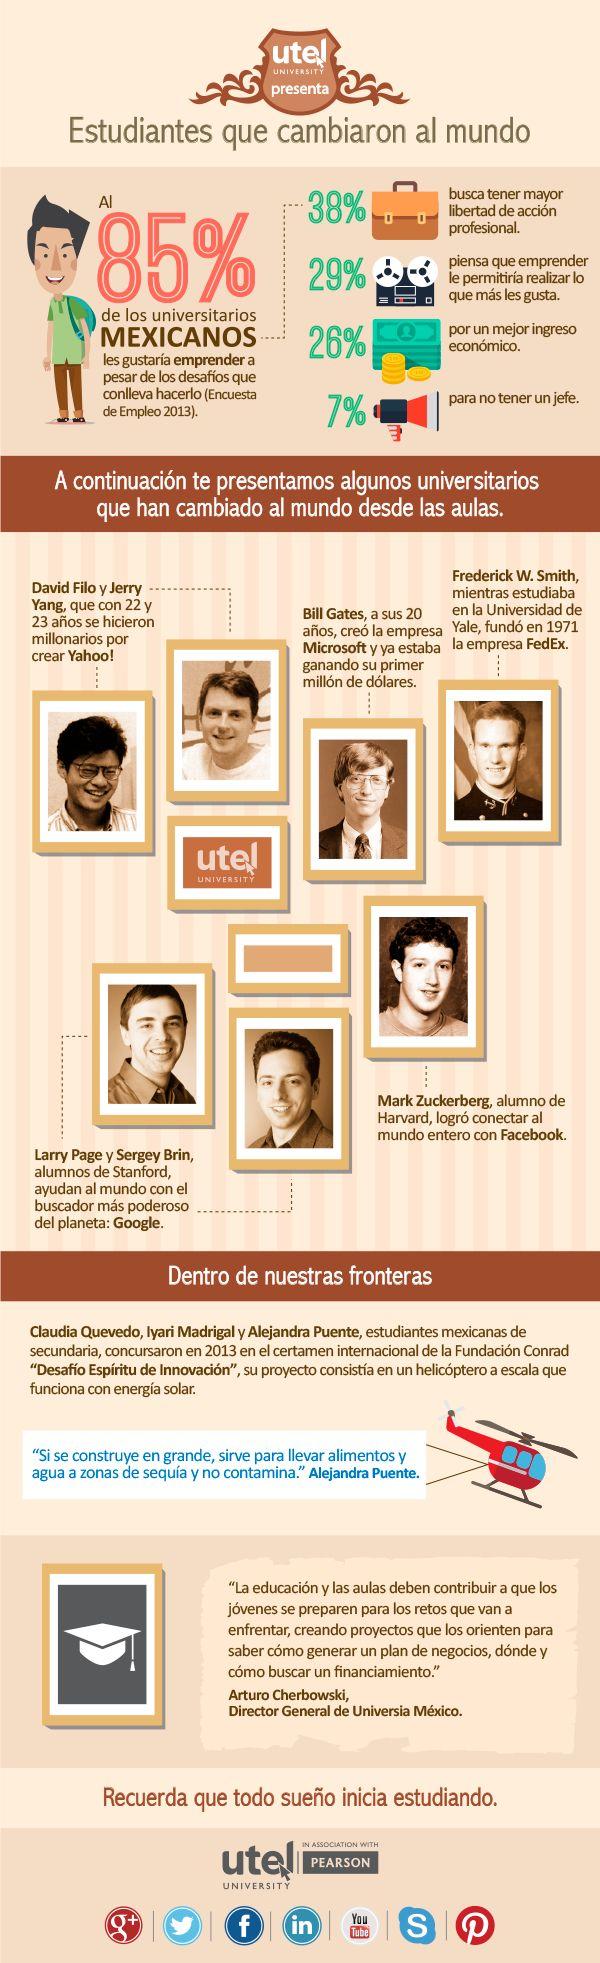 ¿Sabías que al 85% de los #Universitarios mexicanos les gustaría #emprender a pesar de los temores y desafíos que conlleva hacerlo? Por eso te presentamos algunos #estudiantes que se arriesgaron y cambiaron al mundo desde sus aulas. ¡Feliz Día del Estudiante! #DíaDelEstudiante #Emprendedores #BillGates #Yale #Microsoft #FedEx #Yahoo #Infografia #UTEL #UniversidadUTEL #Google #Facebook #infographic